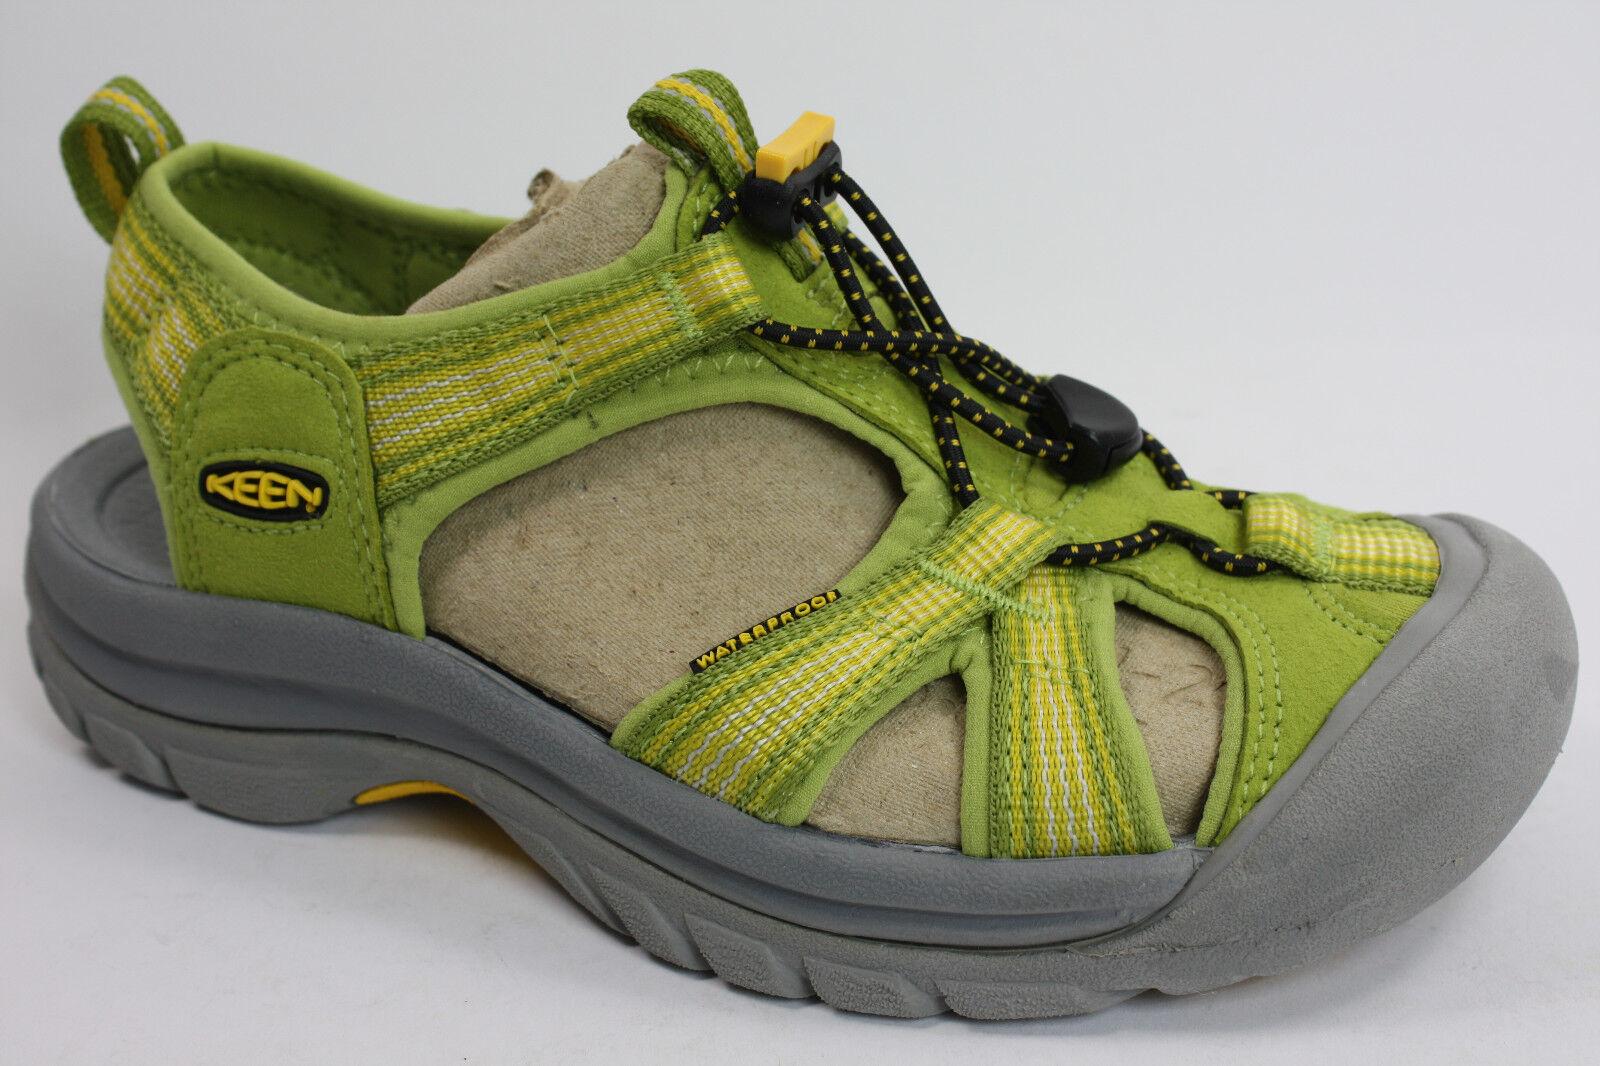 Keen sandalias señora Venice h2 verde amarillo amarillo amarillo nuevo  compra limitada